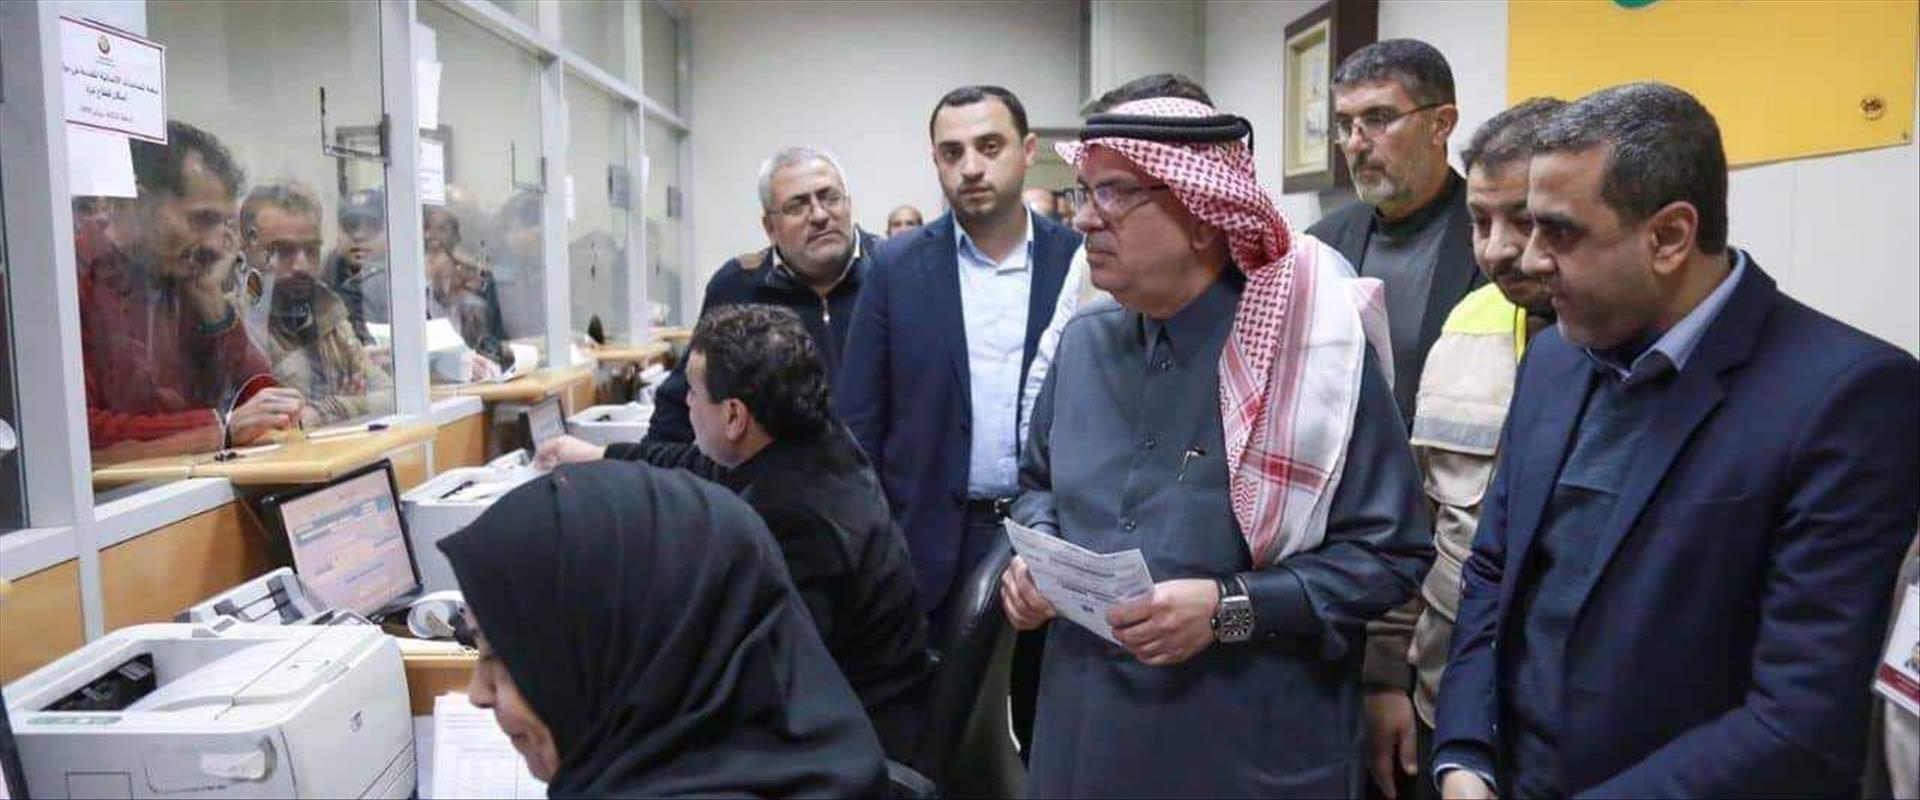 Le Qatar ne paiera plus les salaires des fonctionnaires du Hamas